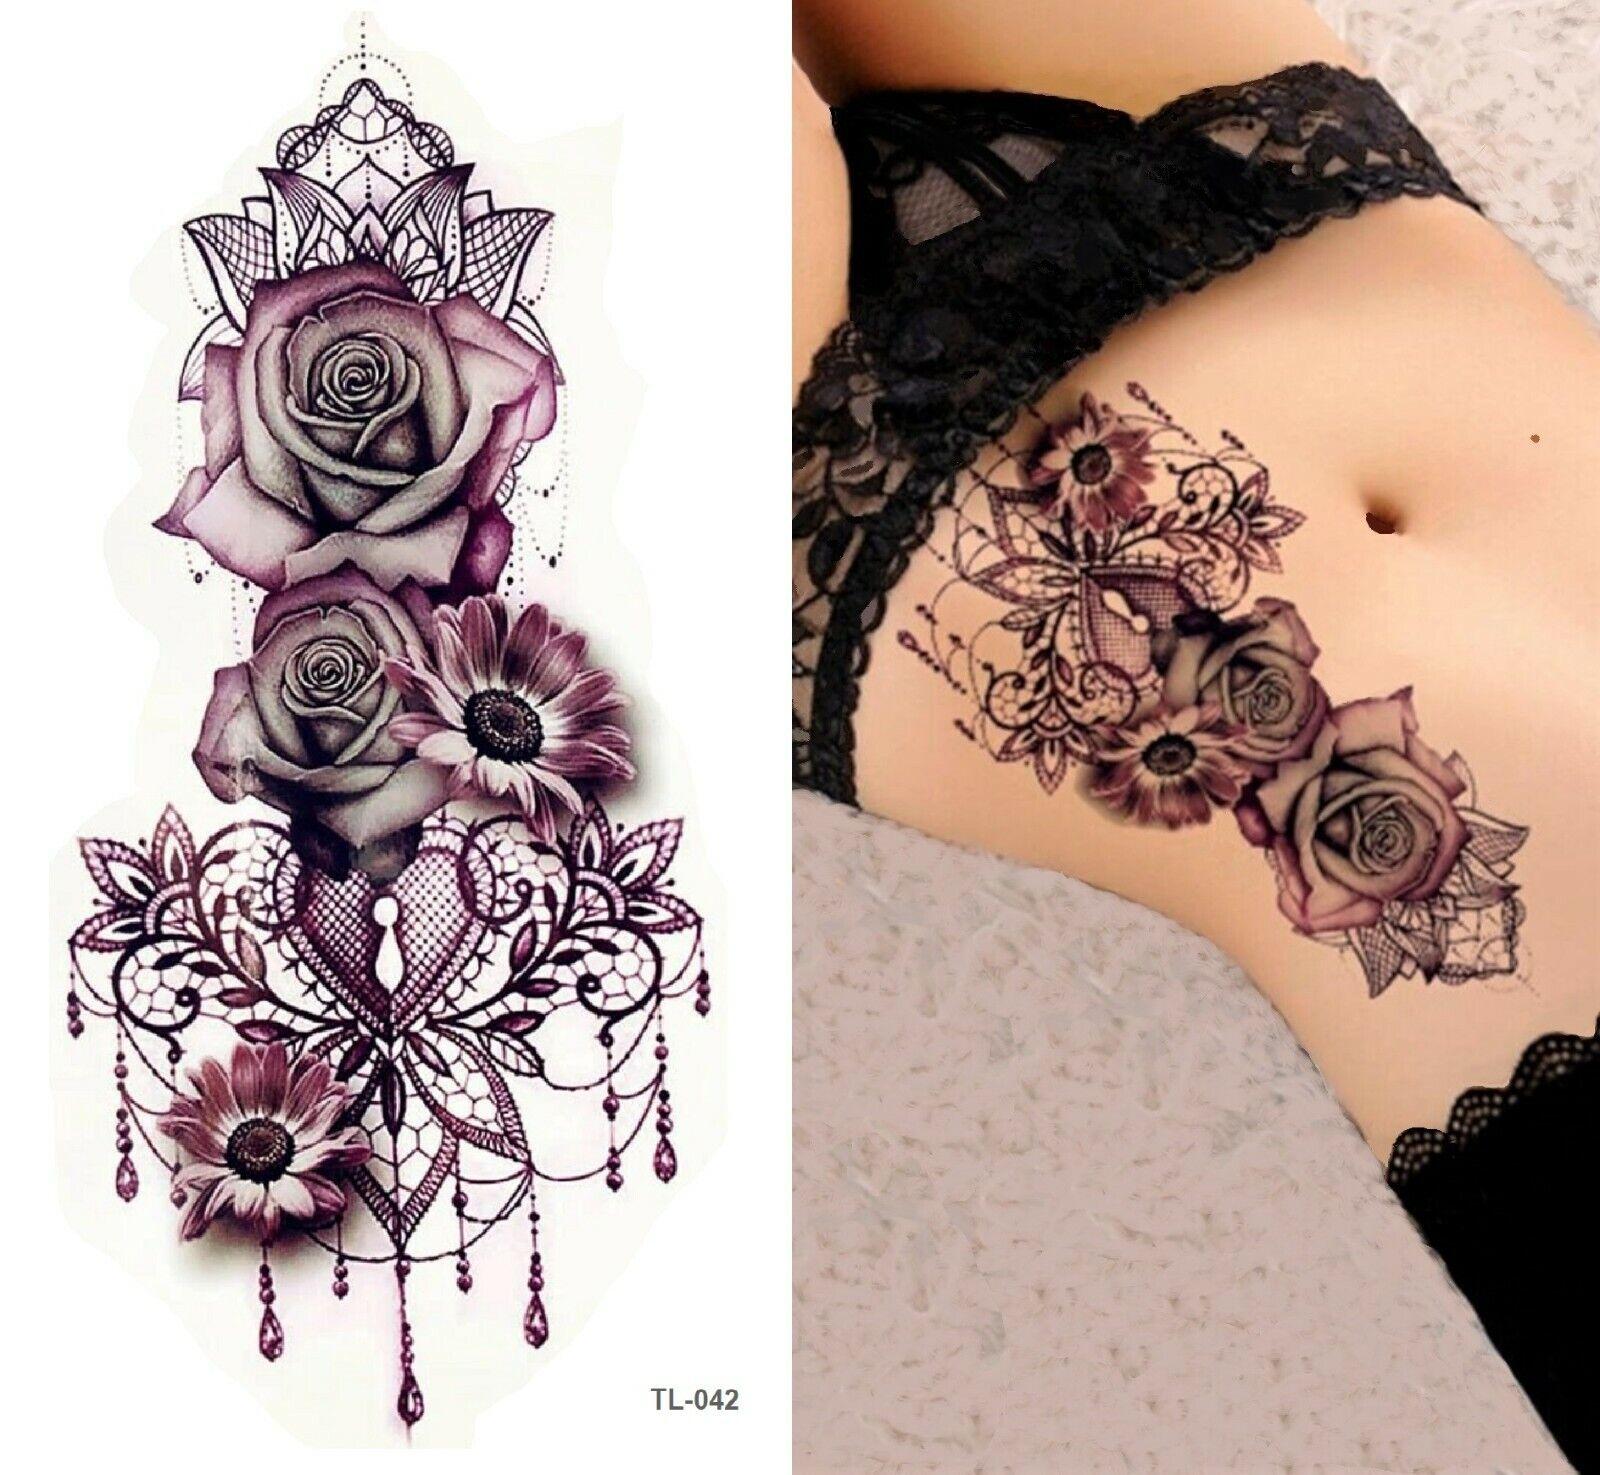 Temporäres Tattoo Rosen Wasserfest Körperkunst Einmal Blumen Rose Schwarz